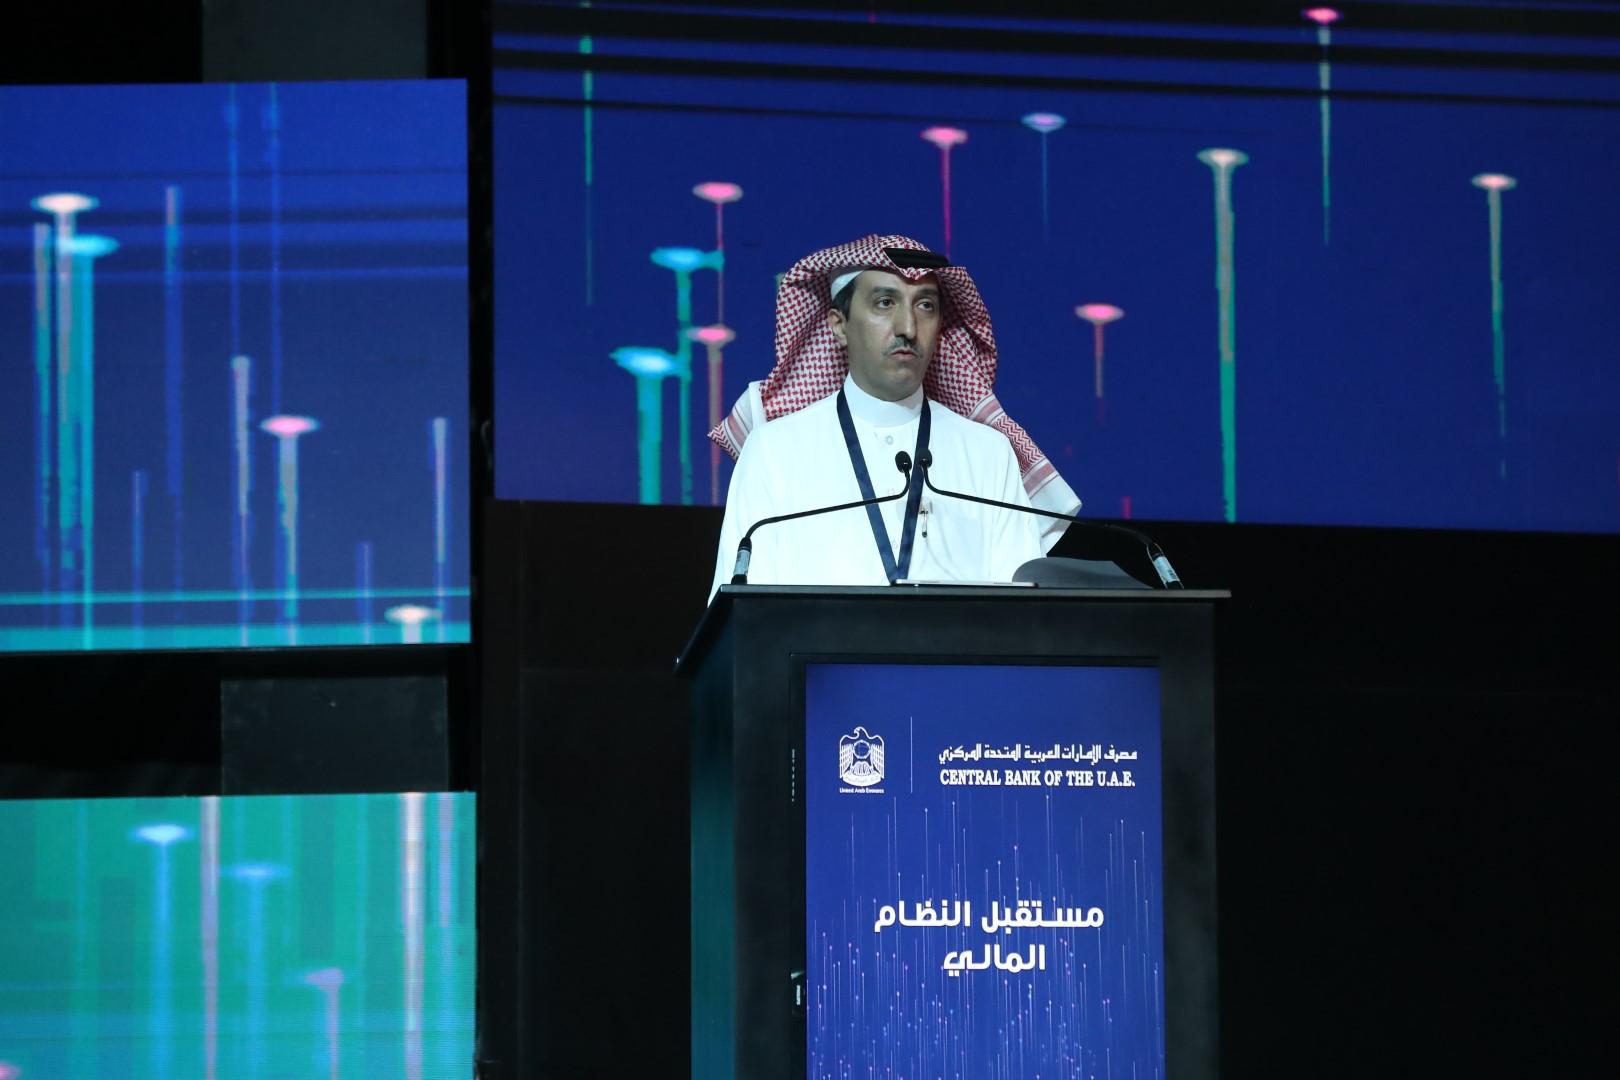 """مقدمة 1 / برعاية منصور بن زايد .. انطلاق فعاليات مؤتمر """"مستقبل النظام المالي"""" في إكسبو 2020 دبي"""